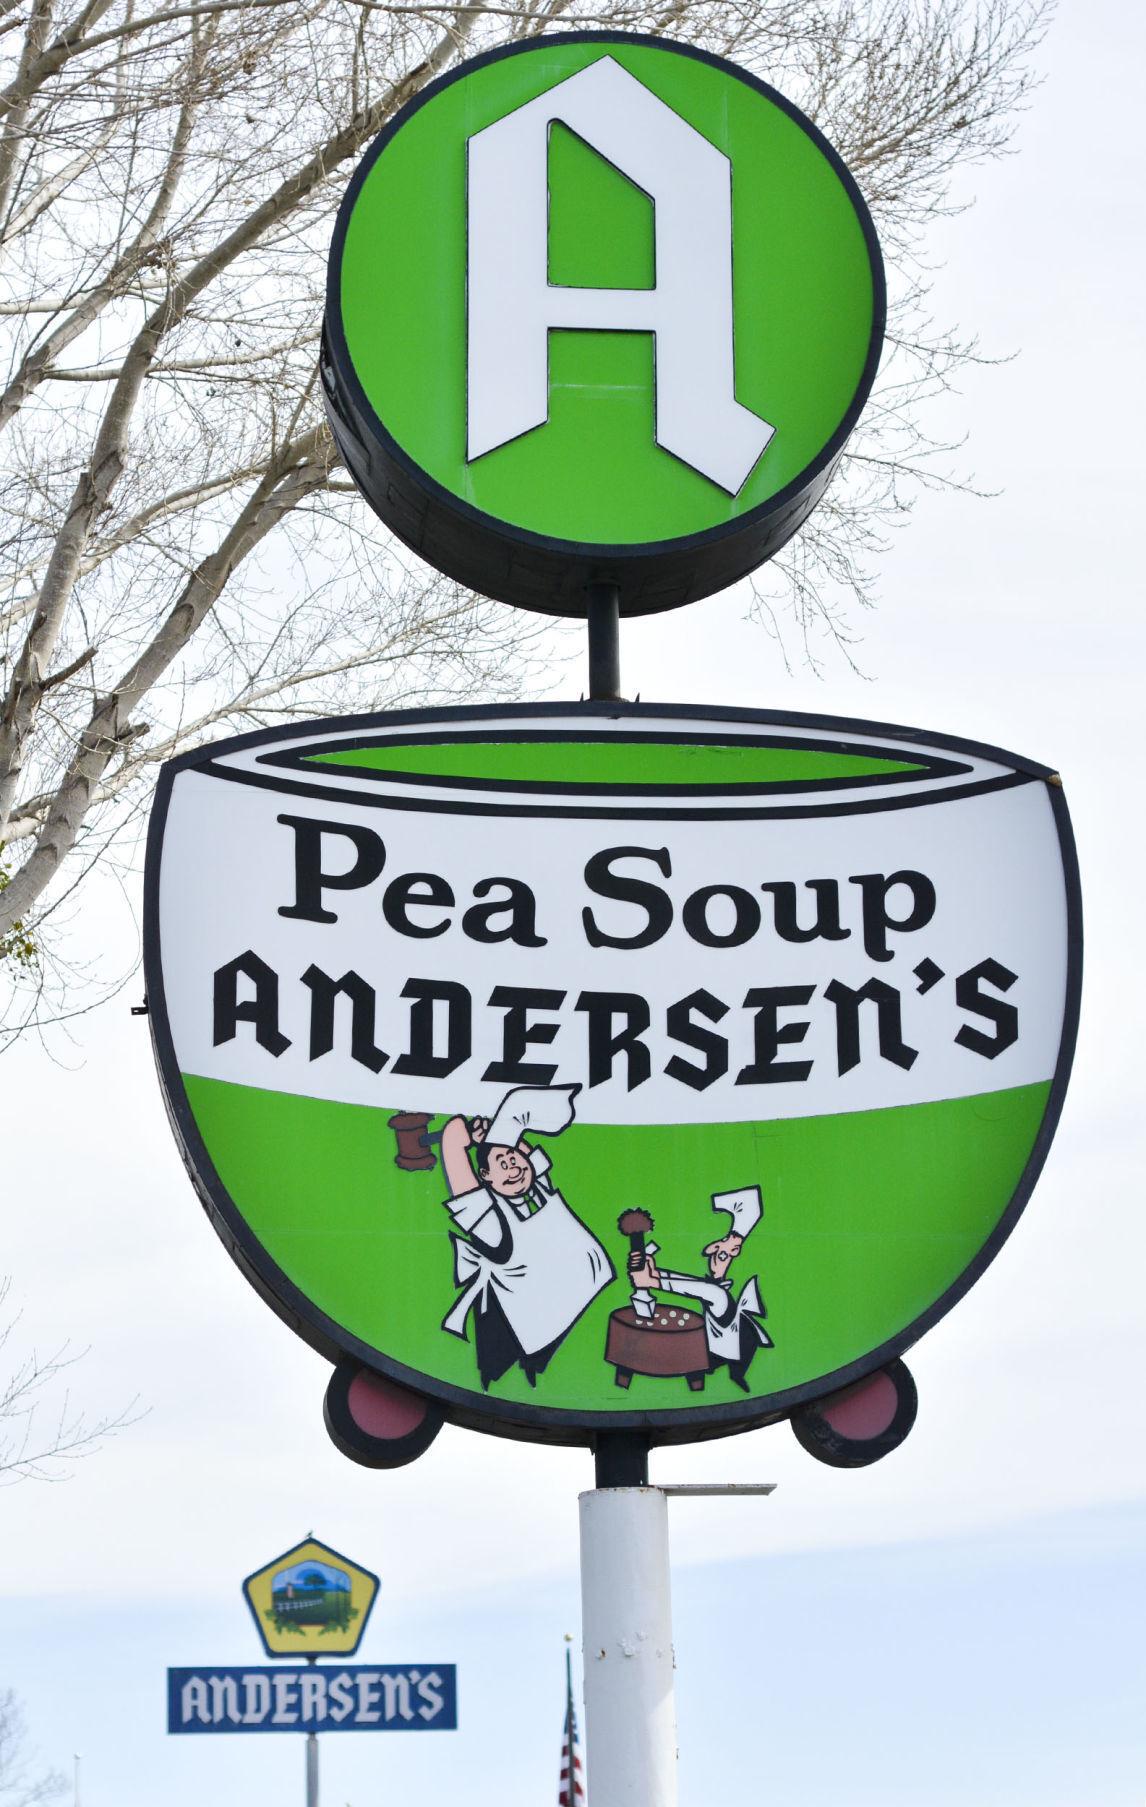 022316 Pea Soup Andersons 02.jpg